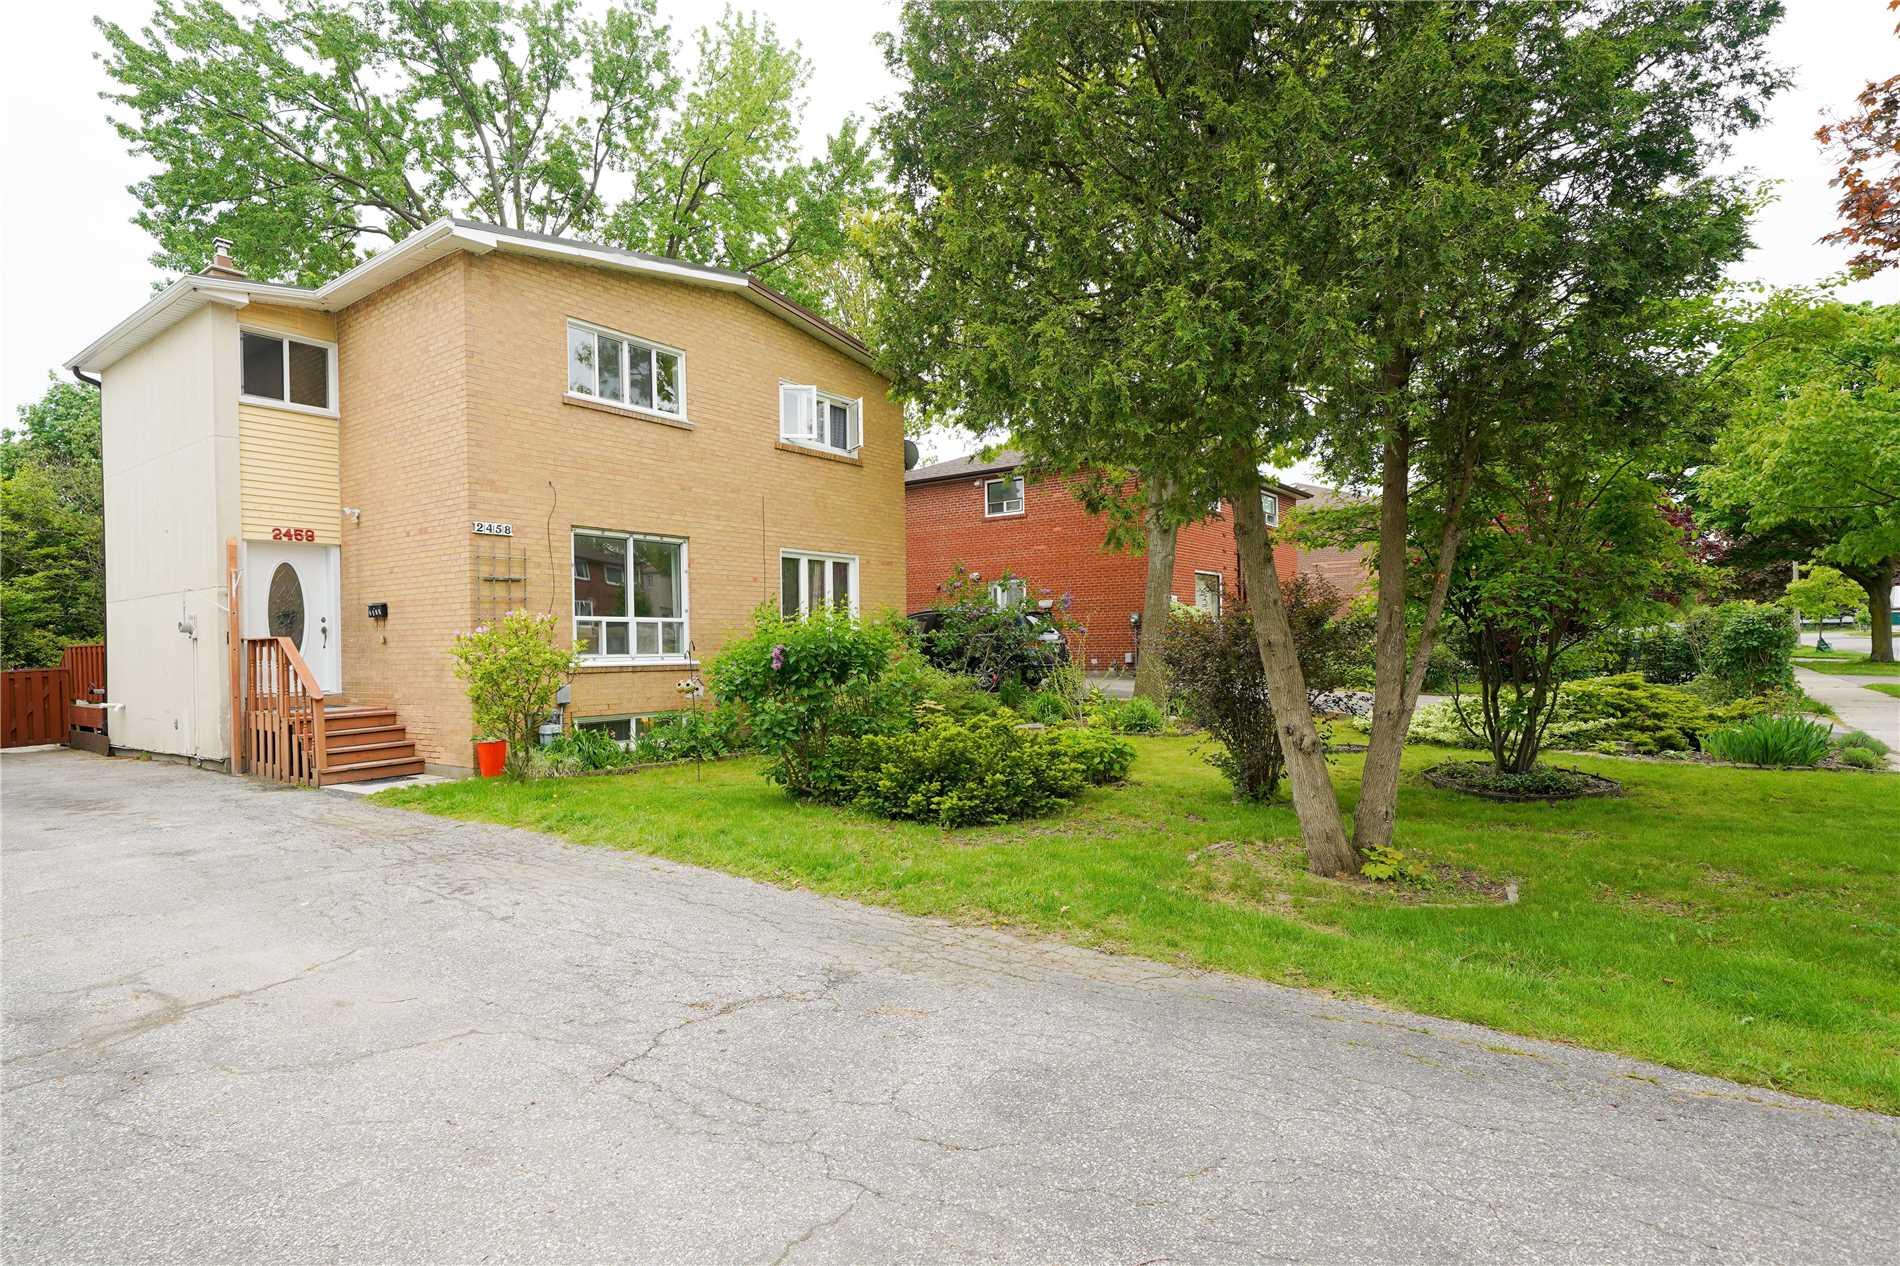 2458 Brookhurst Rd, Mississauga W4507609